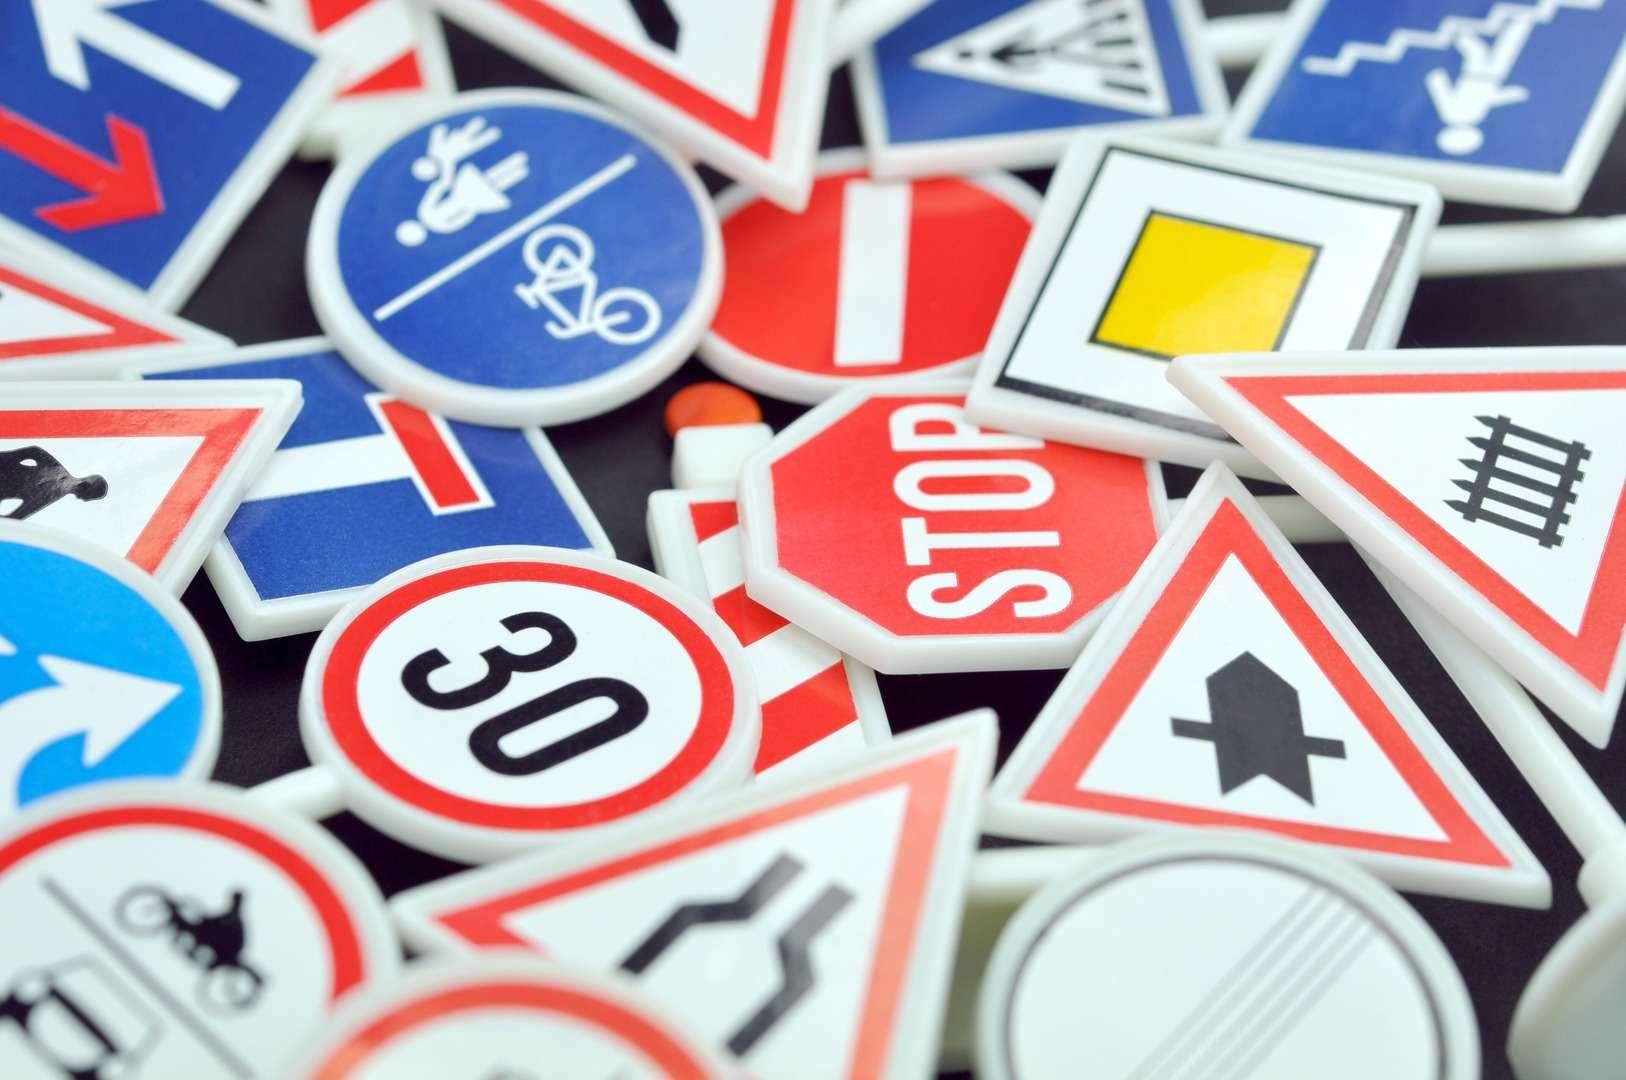 В России введут новый дорожный знак